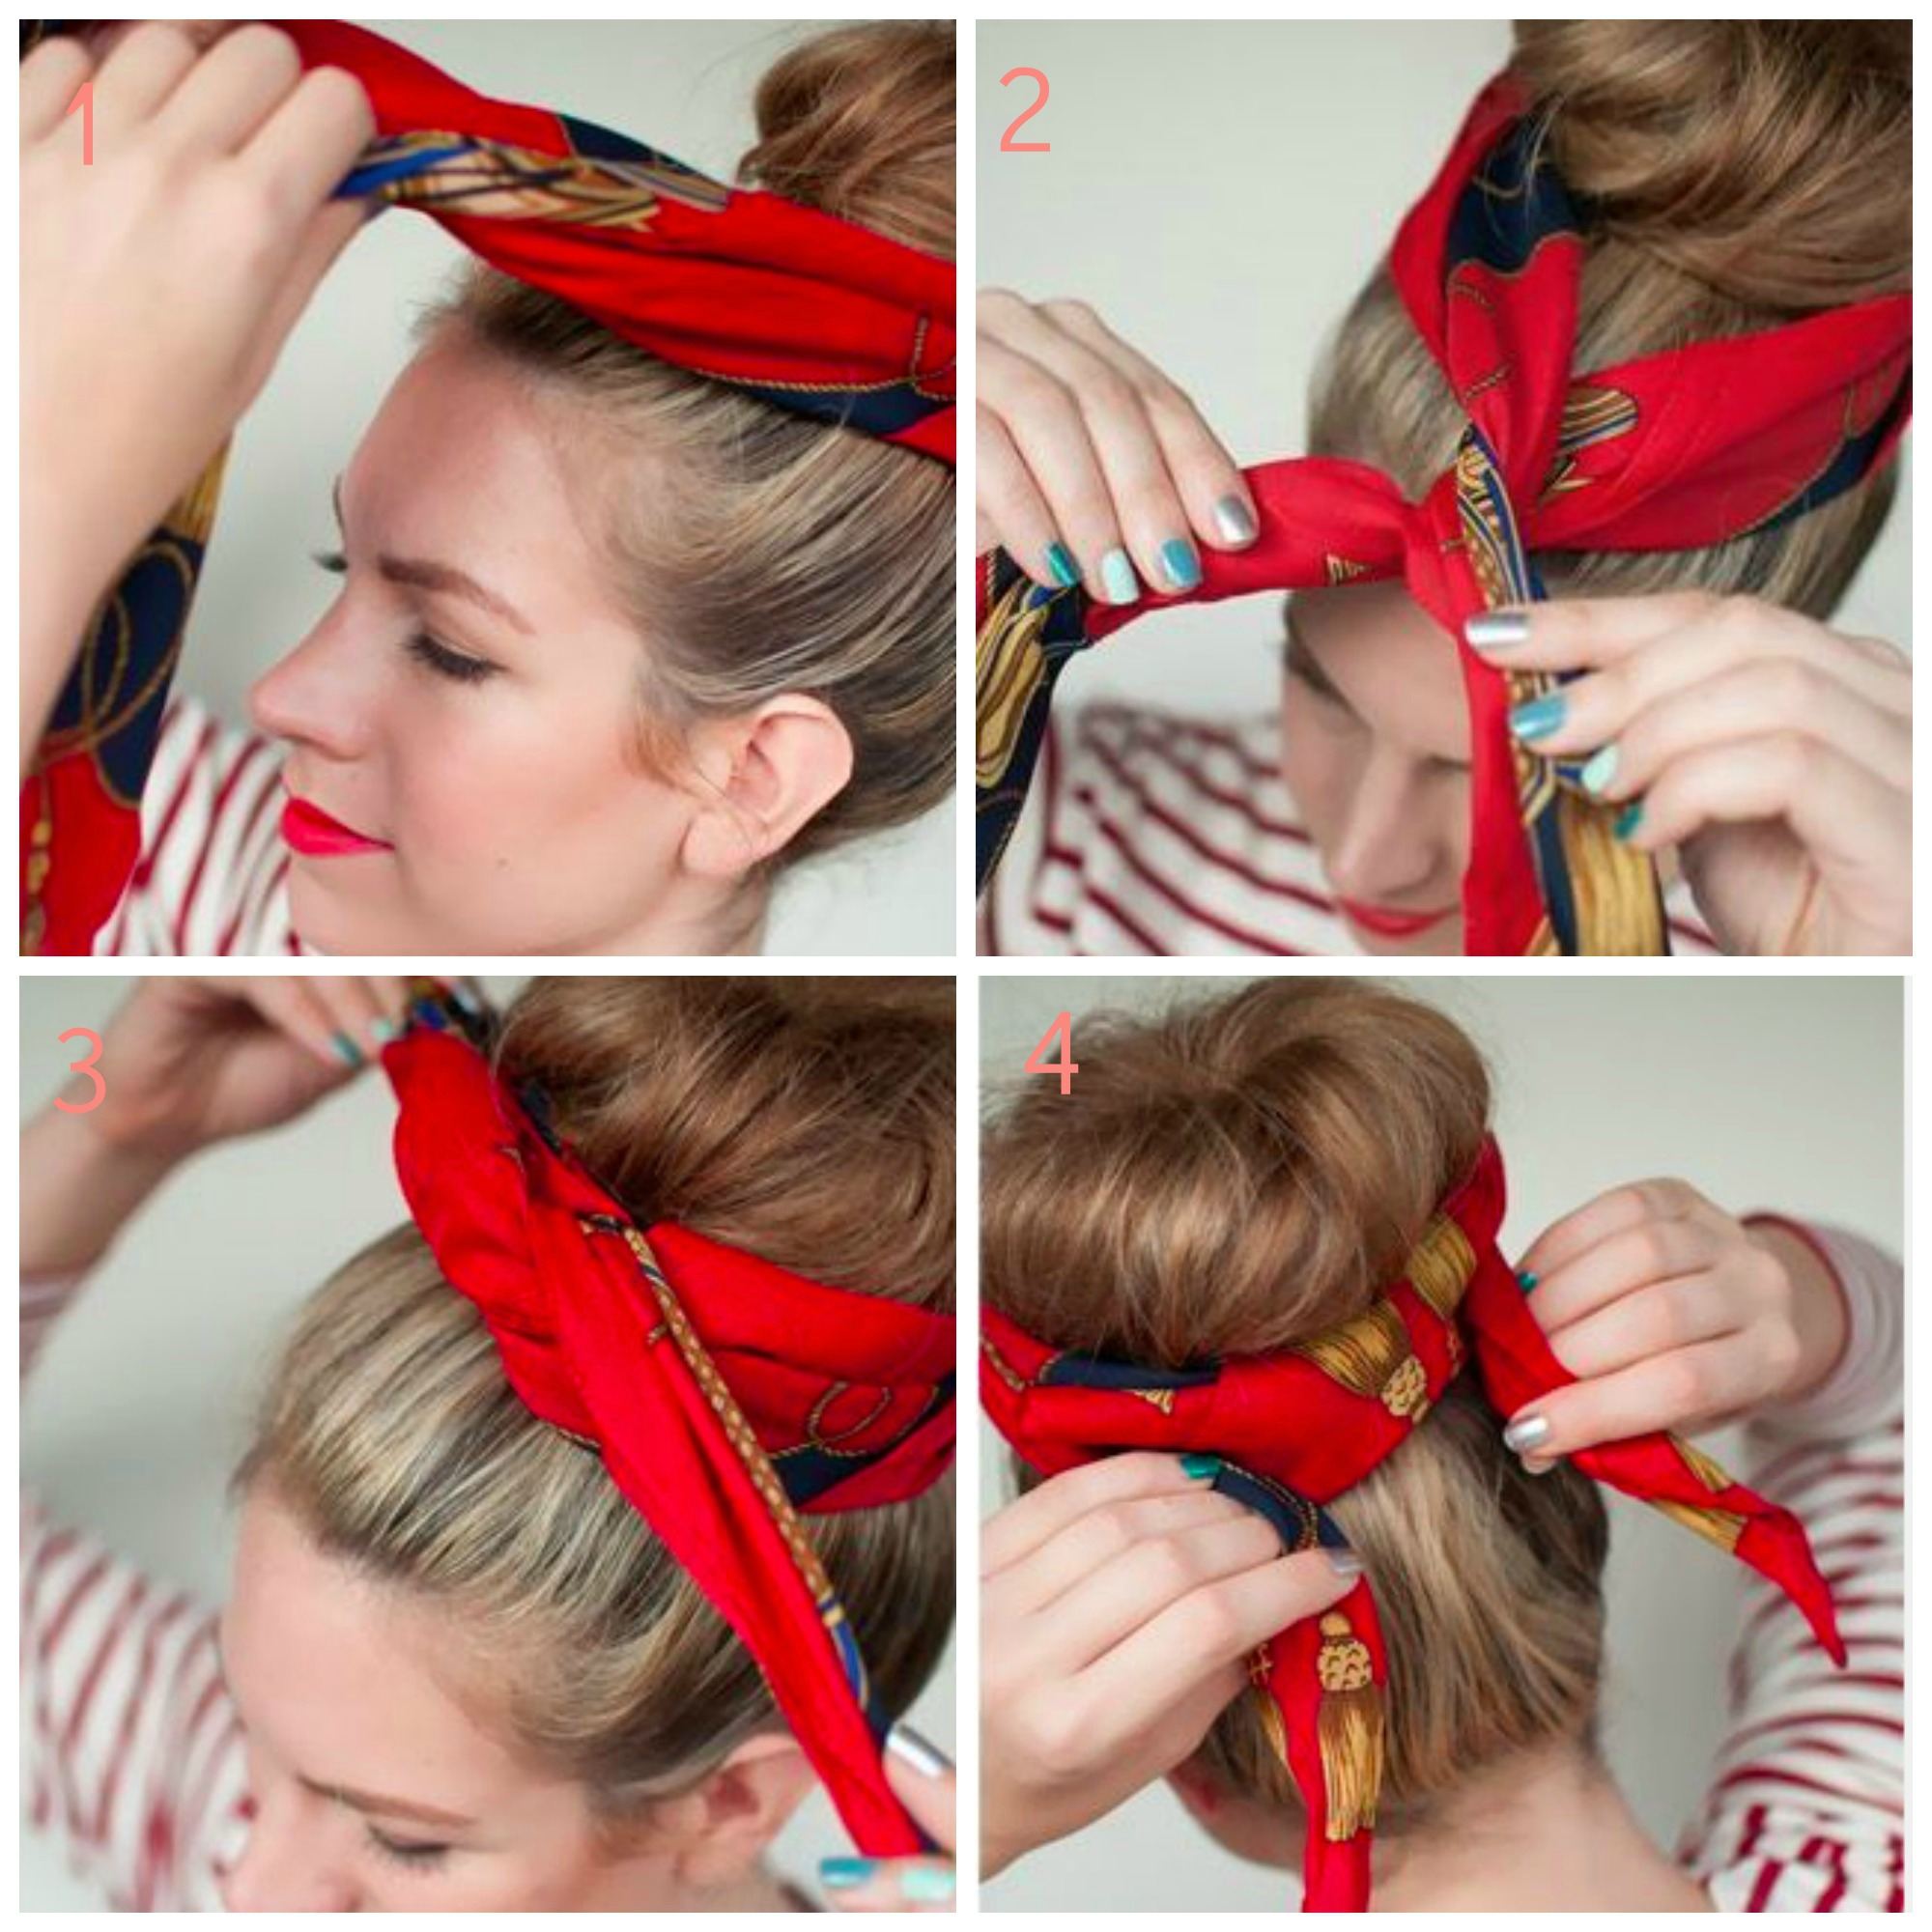 Comment porter le foulard dans les cheveux avec style   20c653d31567